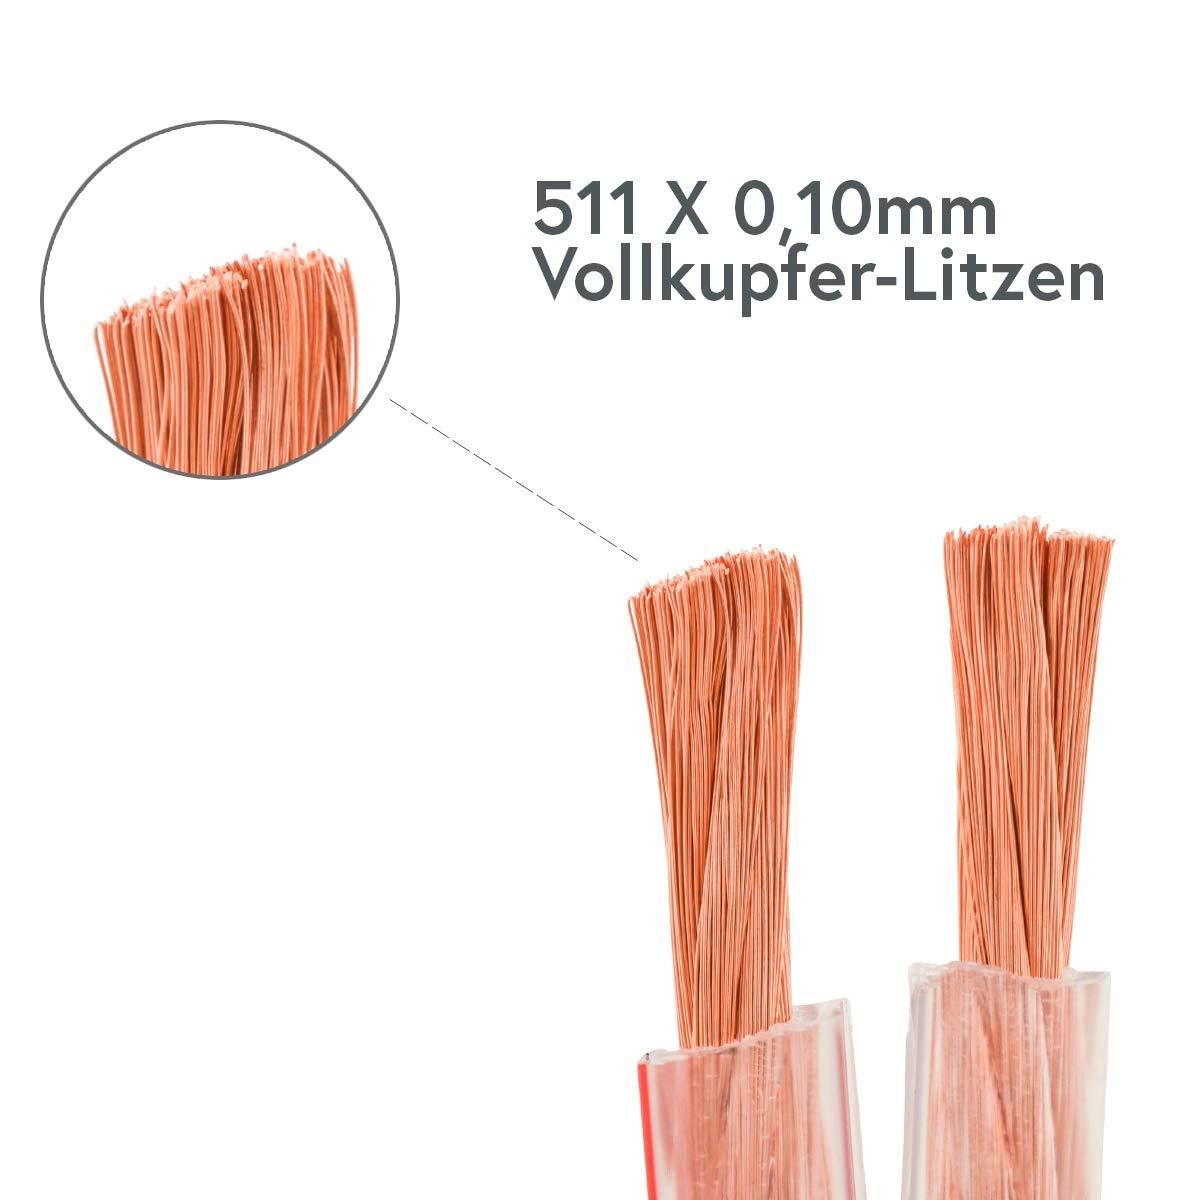 trasparente 2x4mm/² cavo per altoparlante rame puro OFC per HiFi//Audio Class Reference 0,10 mm filo di rame ad elevata flessibilit/à DCSk 15m